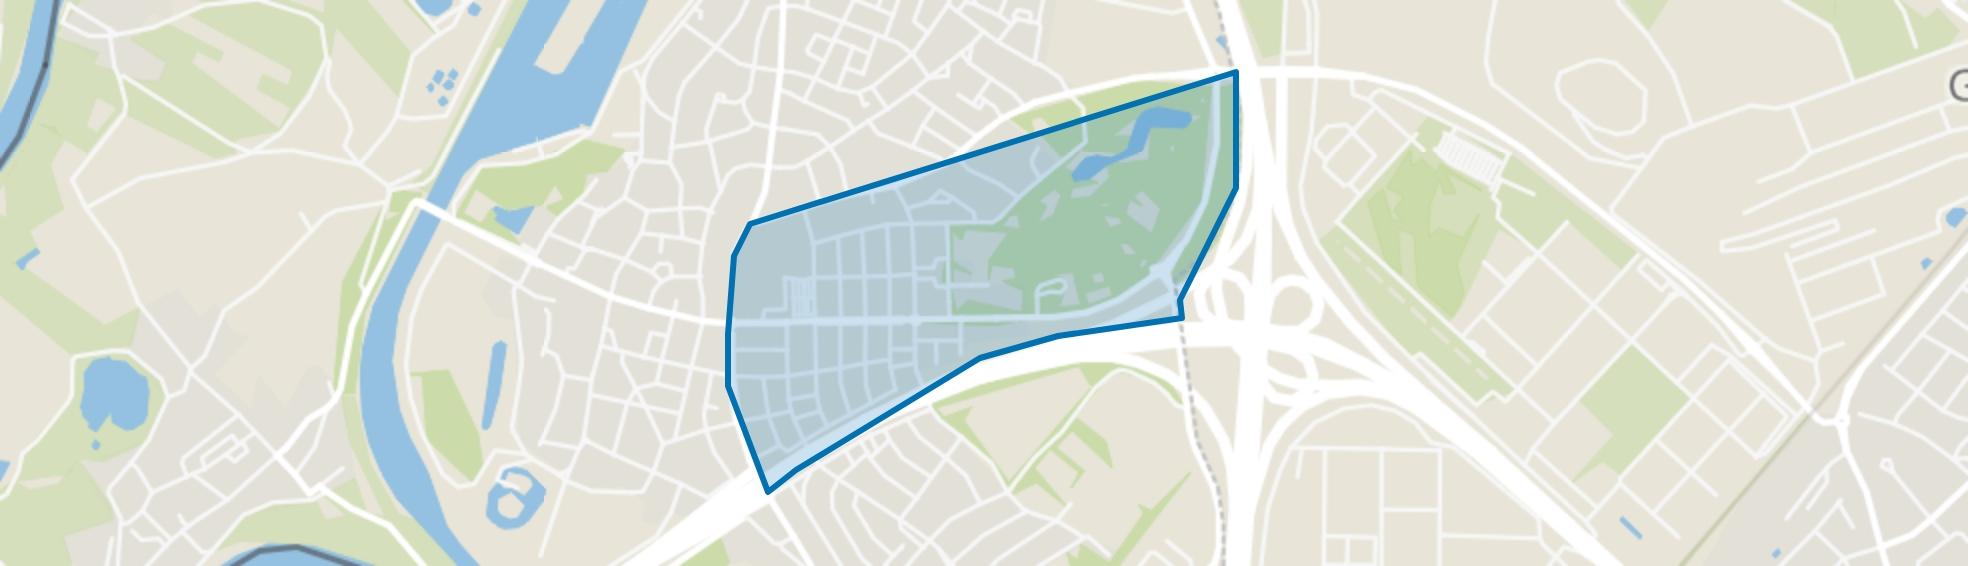 Centrum, Stein map